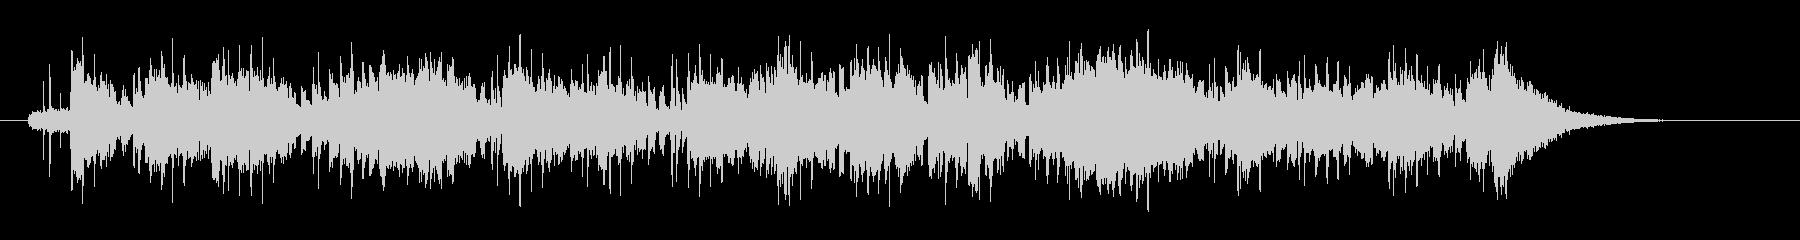 軽いタッチのアコースティック・ボサノバの未再生の波形